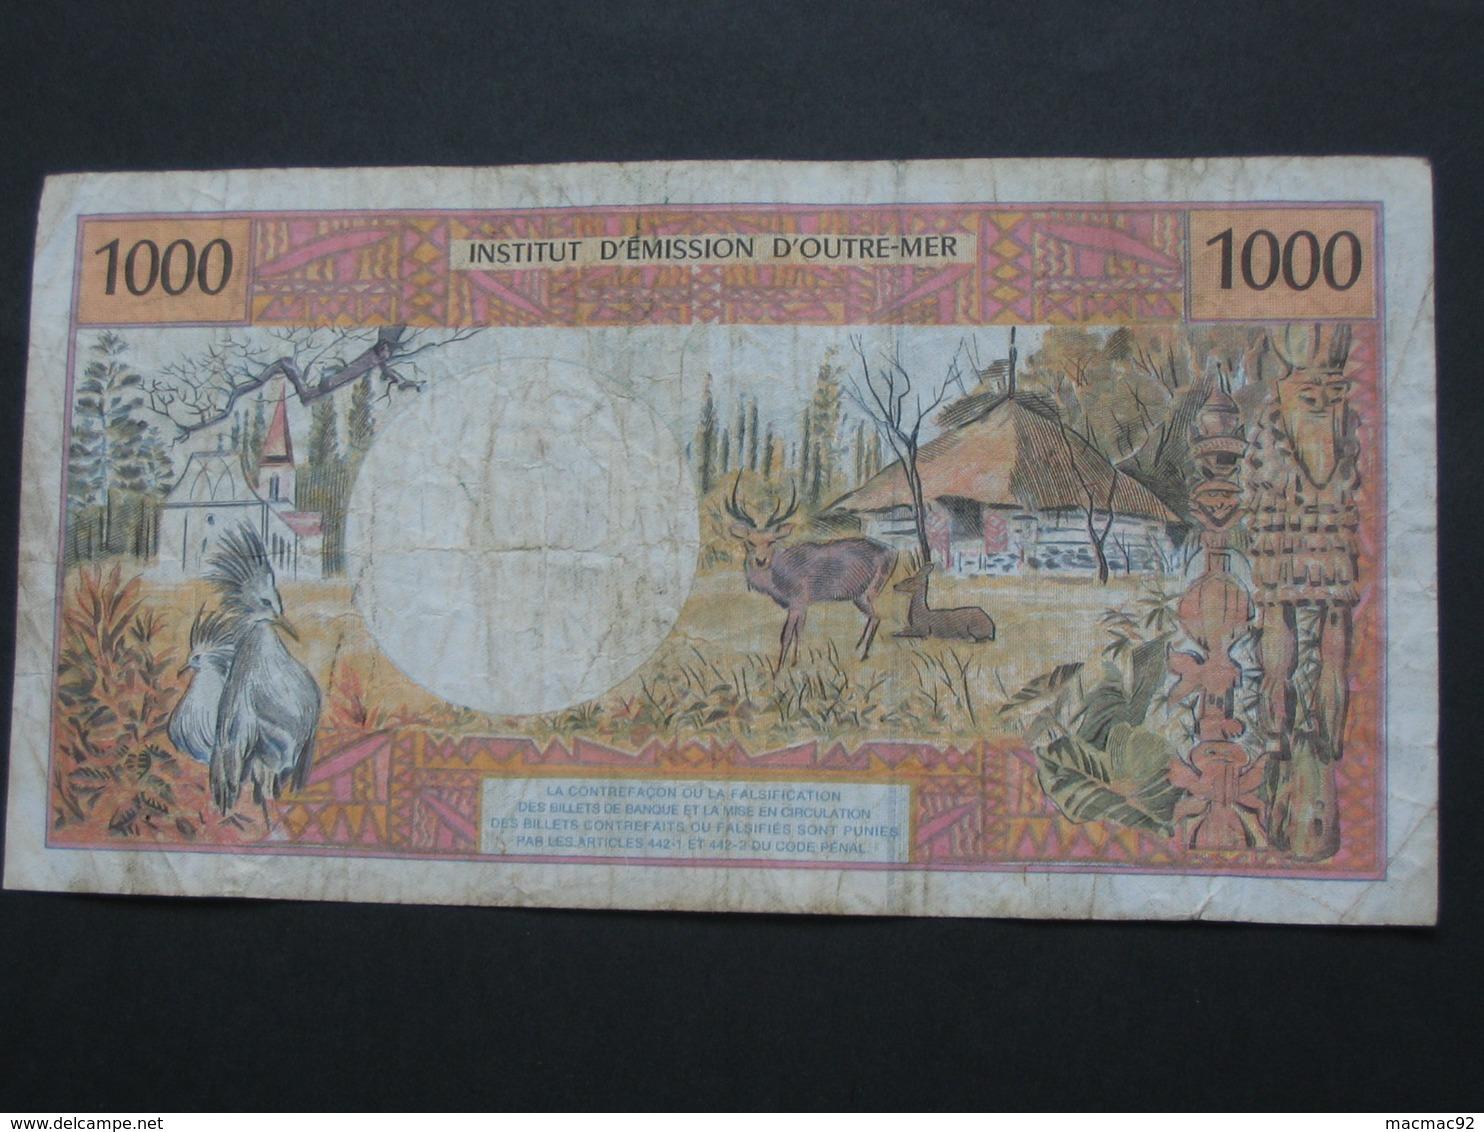 1000 Mille Francs 1996 - Institut D'émission D'outre Mer **** EN ACHAT IMMEDIAT ***** - Papeete (Polynésie Française 1914-1985)